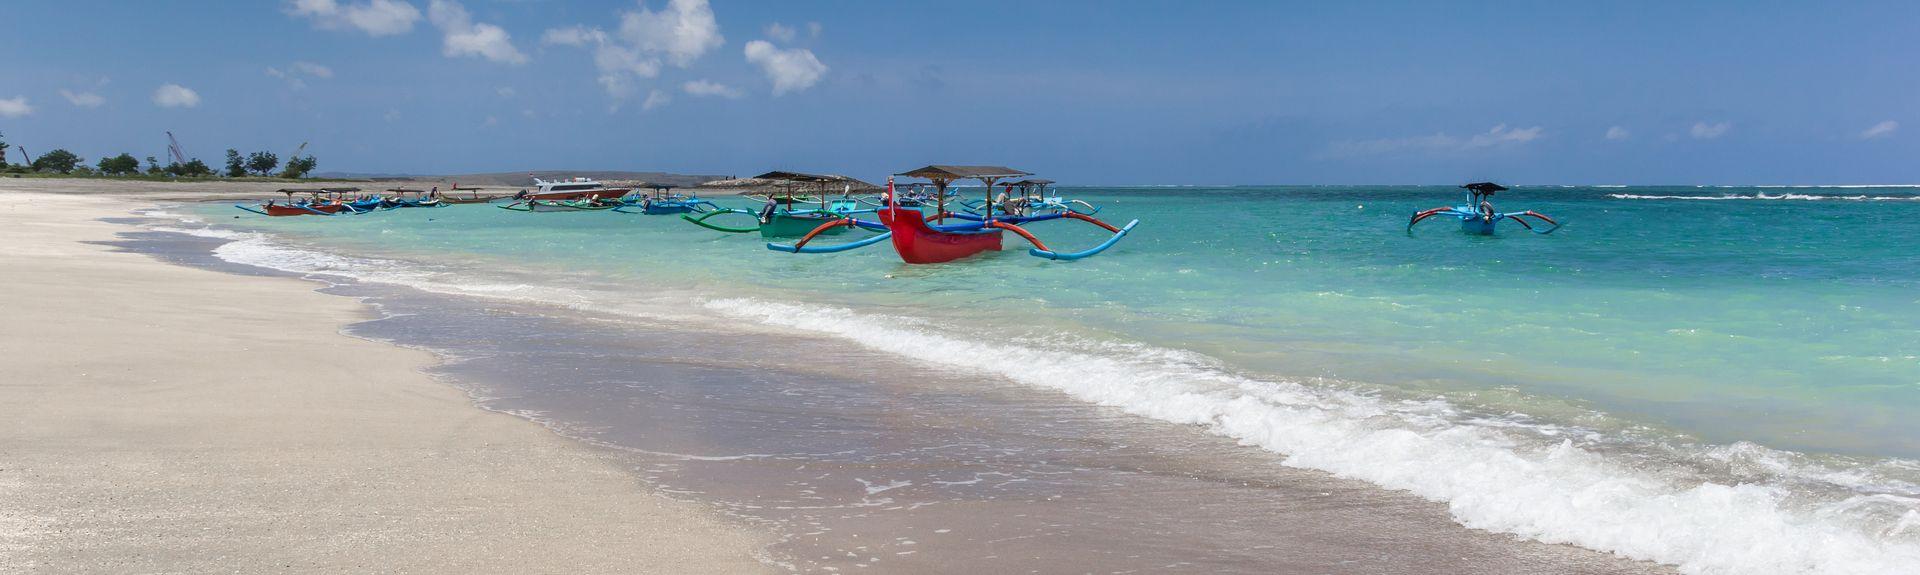 Praia de Kuta, Kuta, Bali, Indonésia